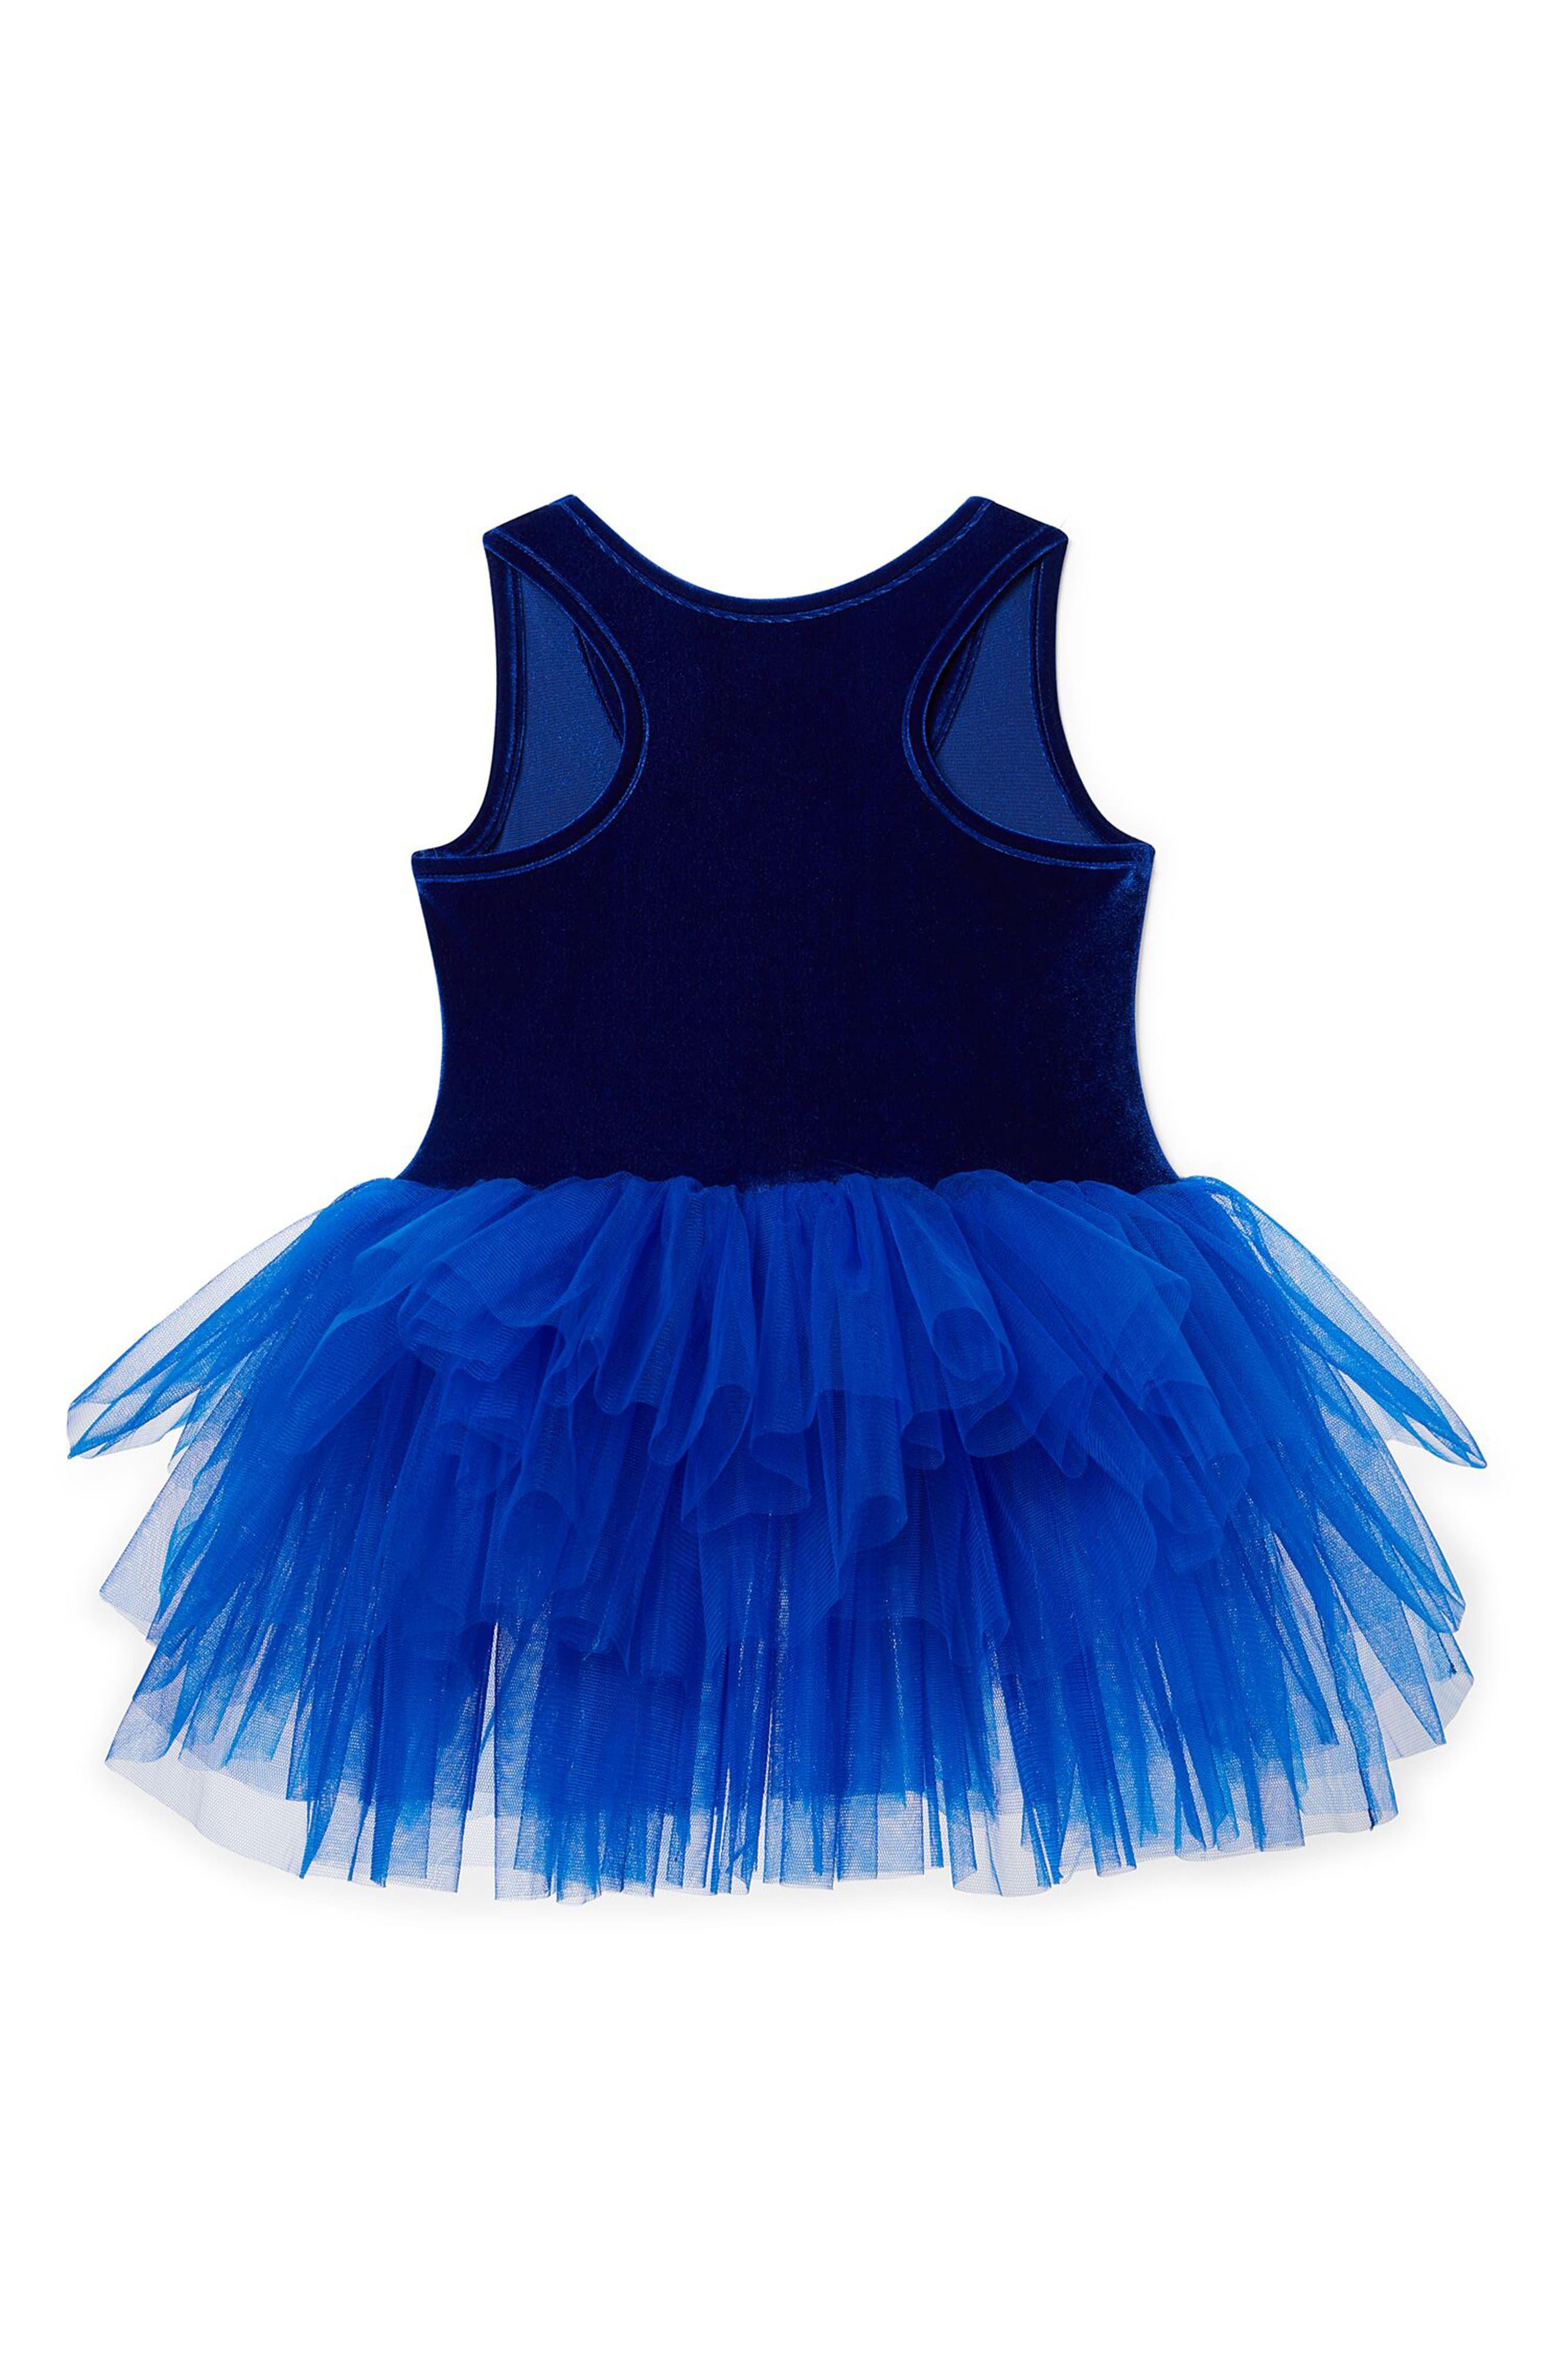 Velvet & Tulle Tutu Dress,                             Alternate thumbnail 2, color,